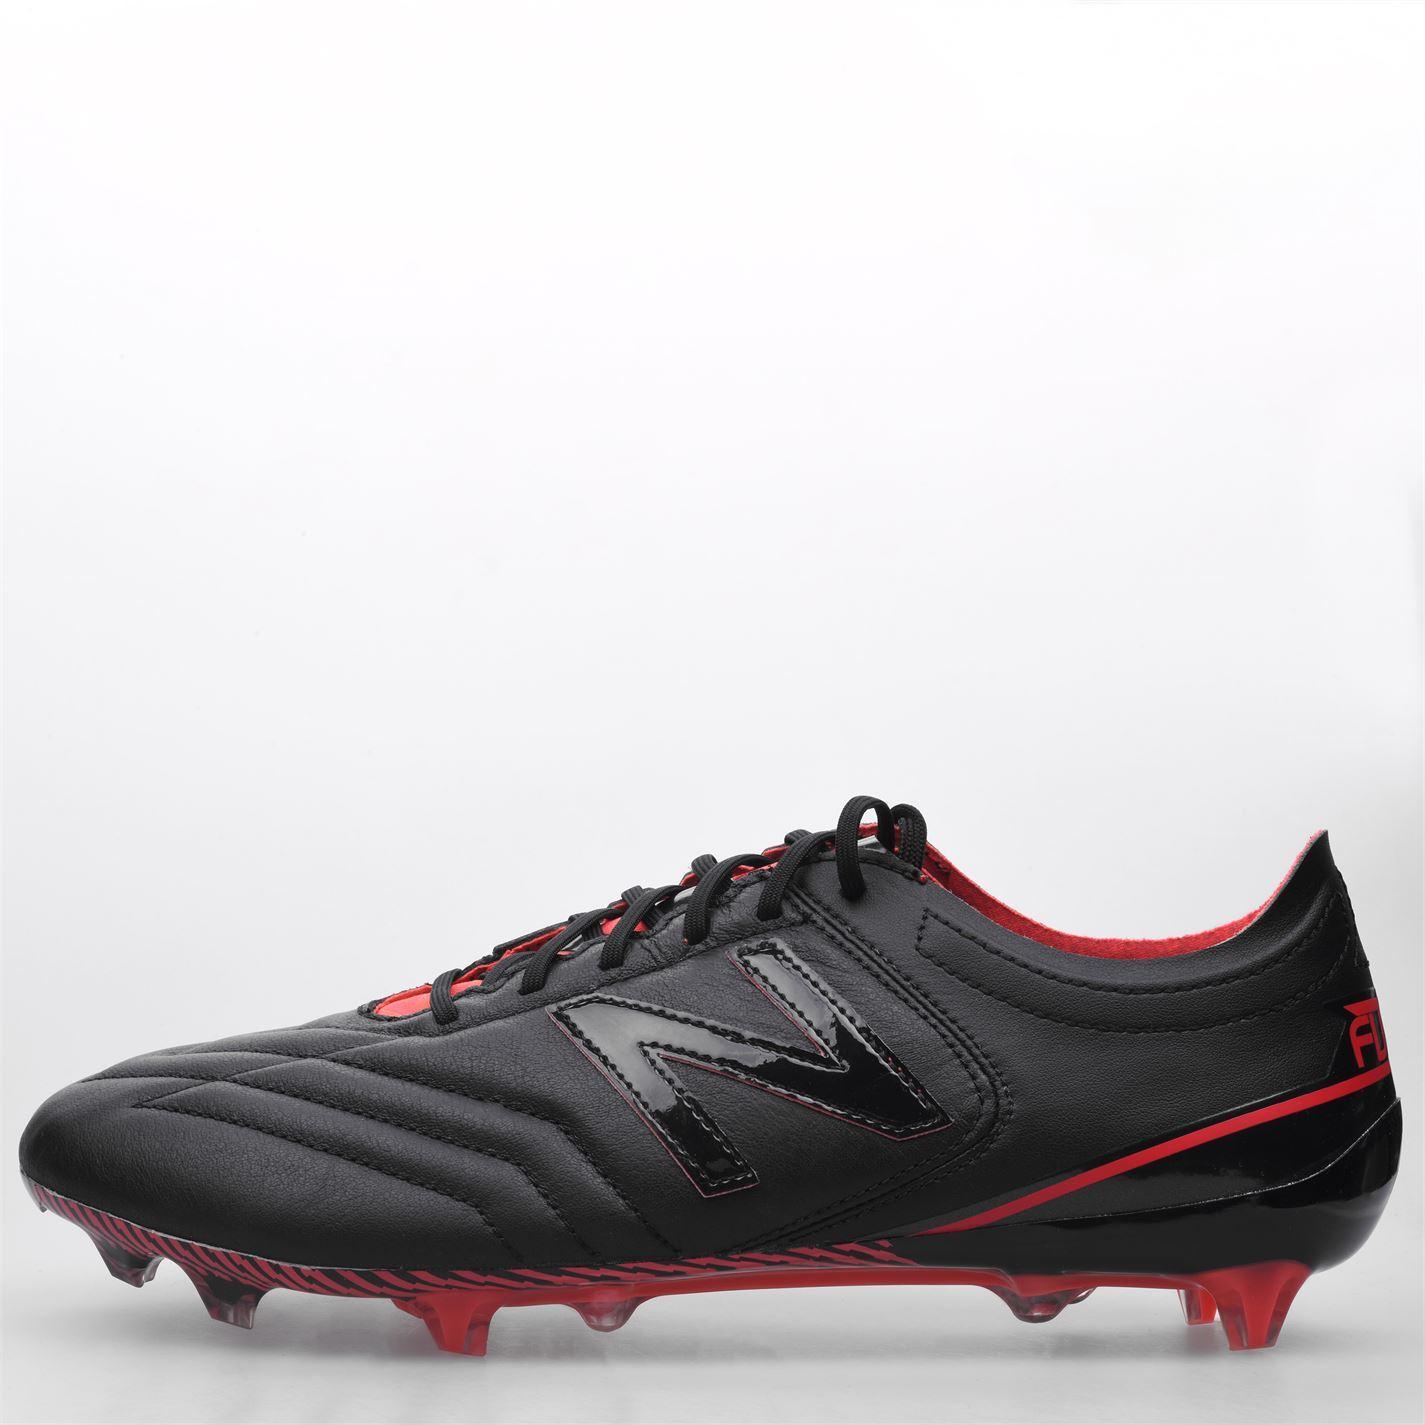 miniature 9 - New-Balance-Furon-3-0-K-cuir-homme-FG-Firm-Ground-Chaussures-De-Football-Soccer-Crampons